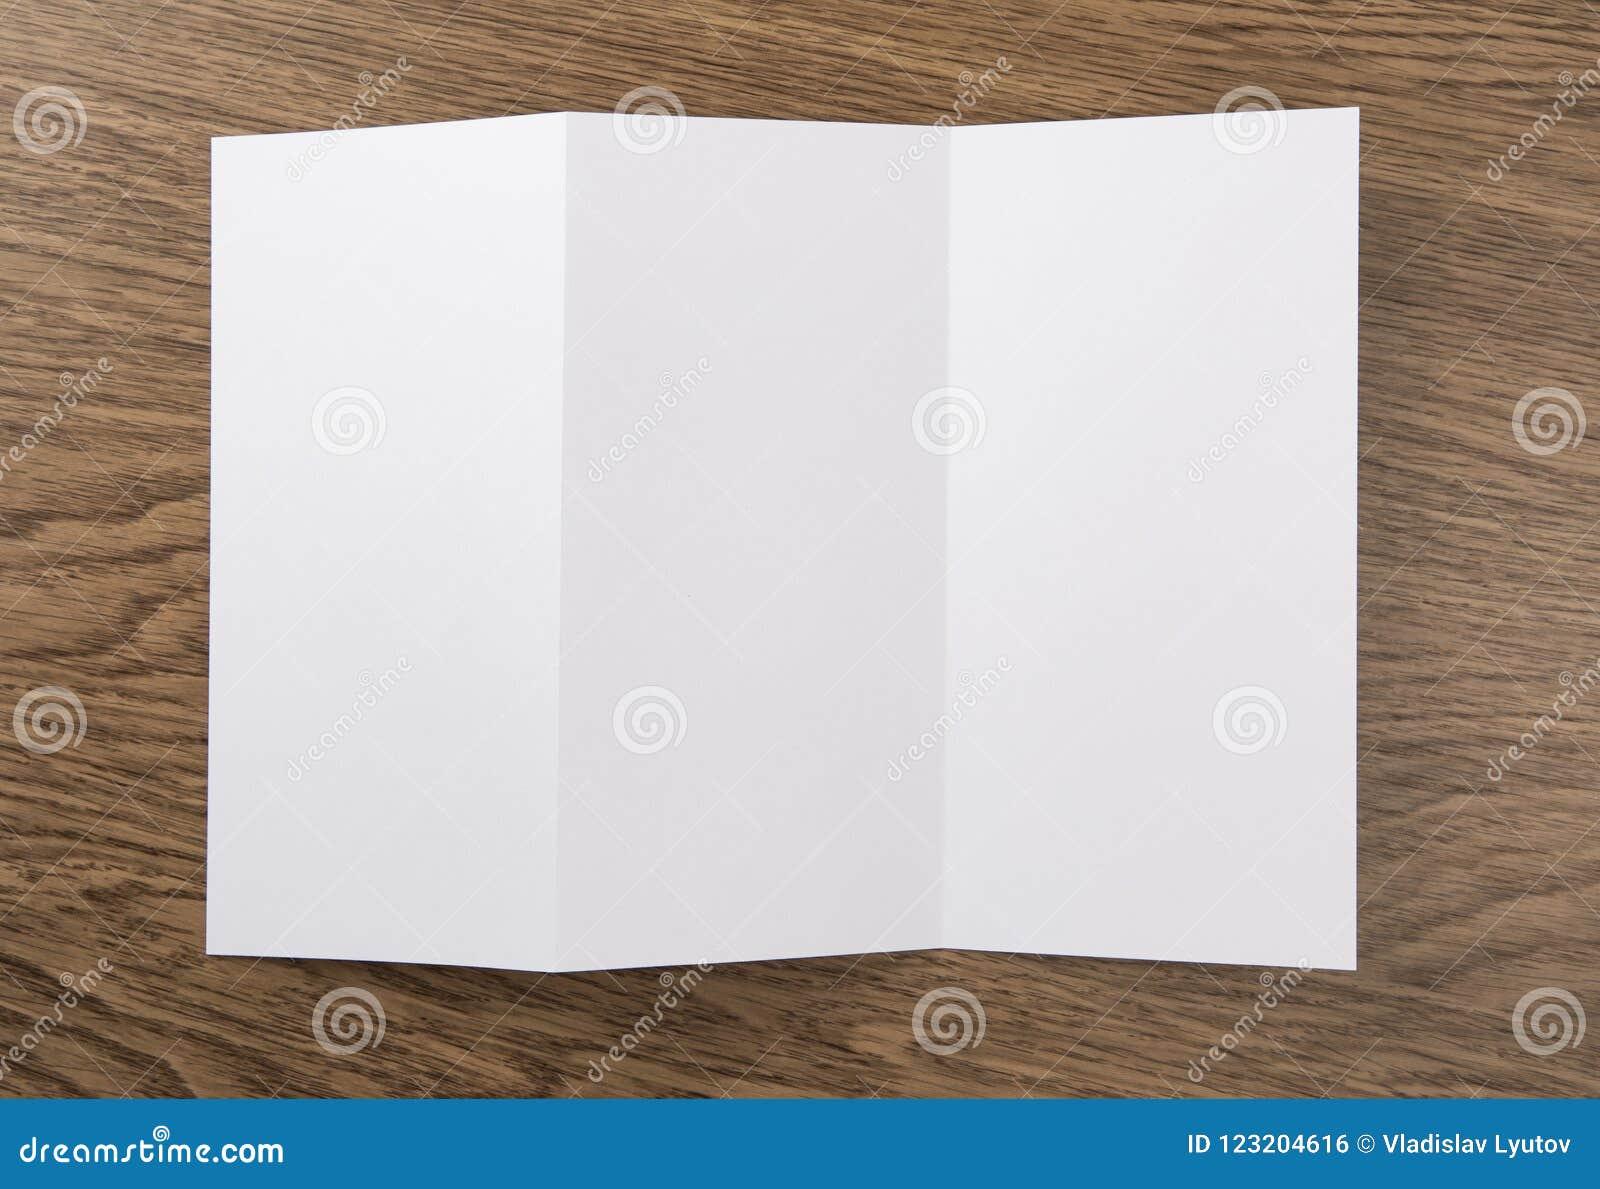 Insecte de papier se pliant blanc vide